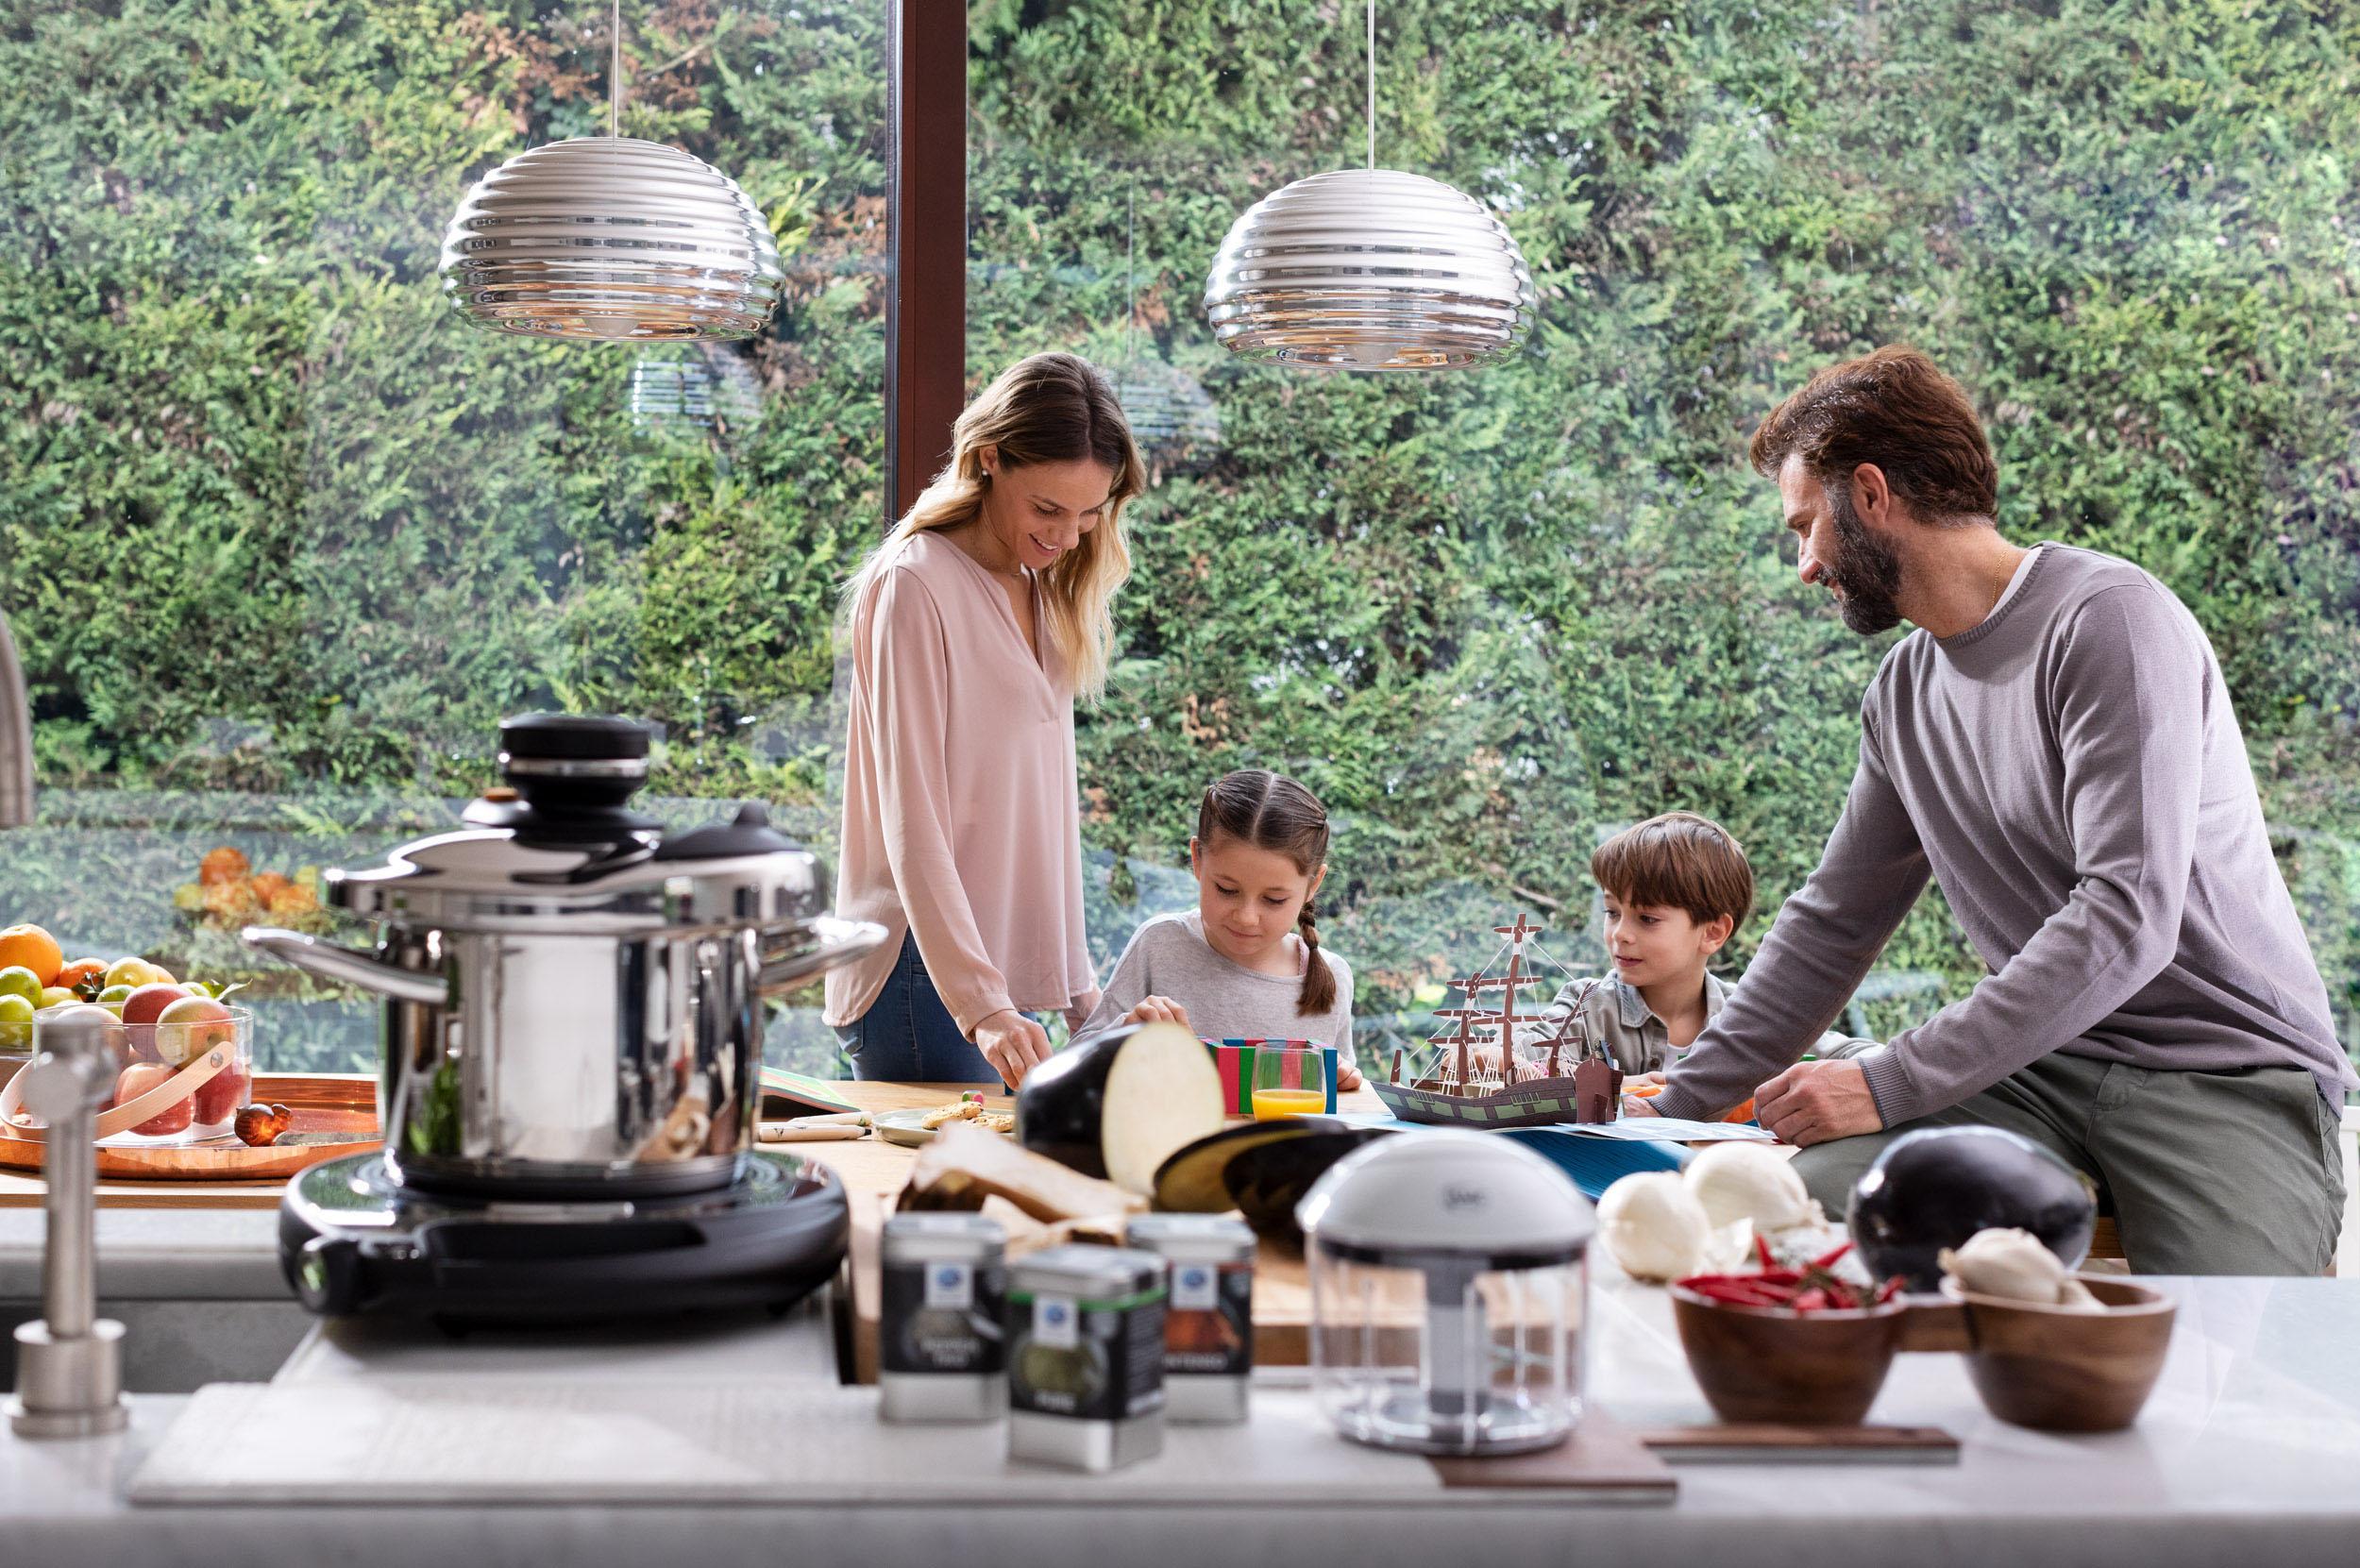 Weniger Stress beim Kochen – mehr Zeit für die Familie